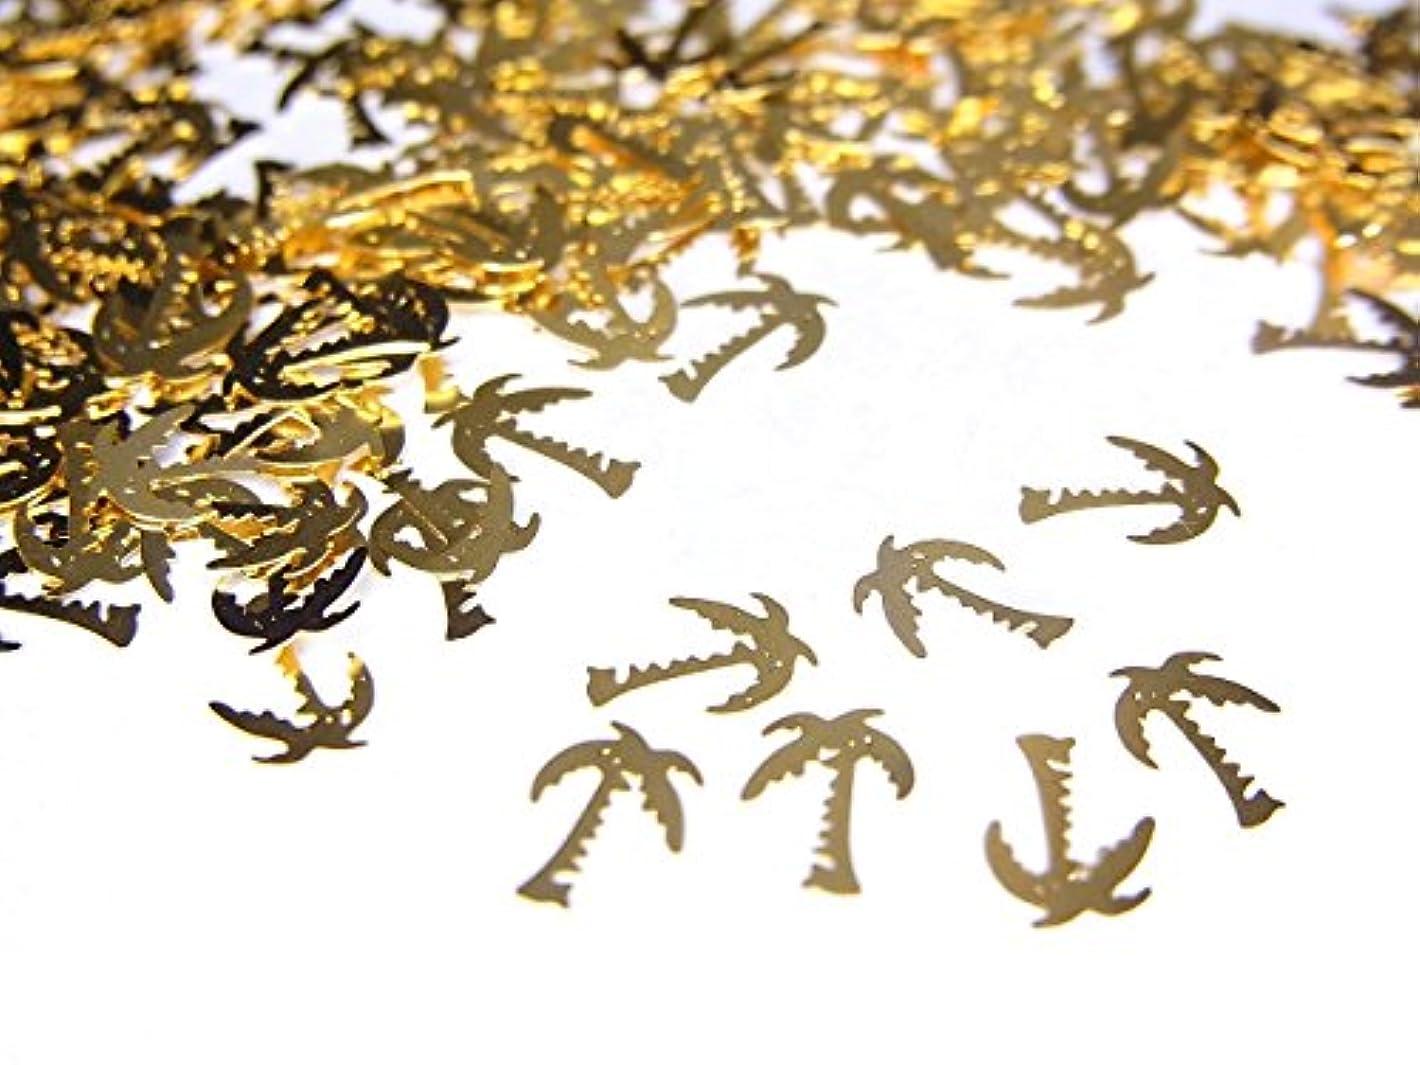 スポンジ周辺ギャラントリー【jewel】薄型ネイルパーツ ゴールド ヤシの木10個